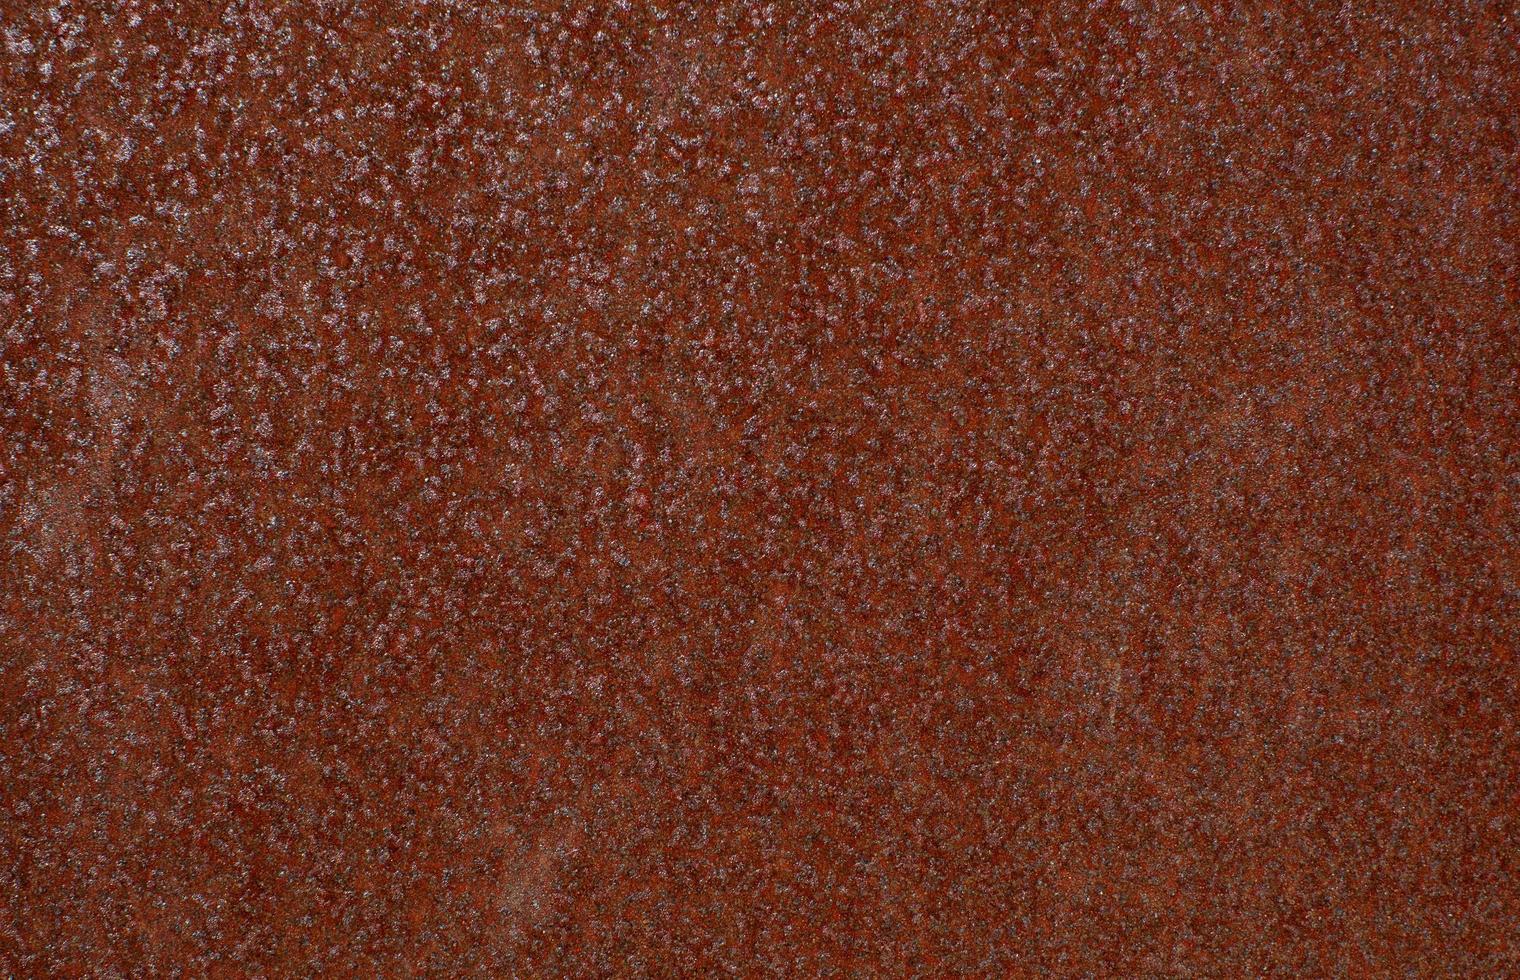 texture en acier oxydé rouge photo